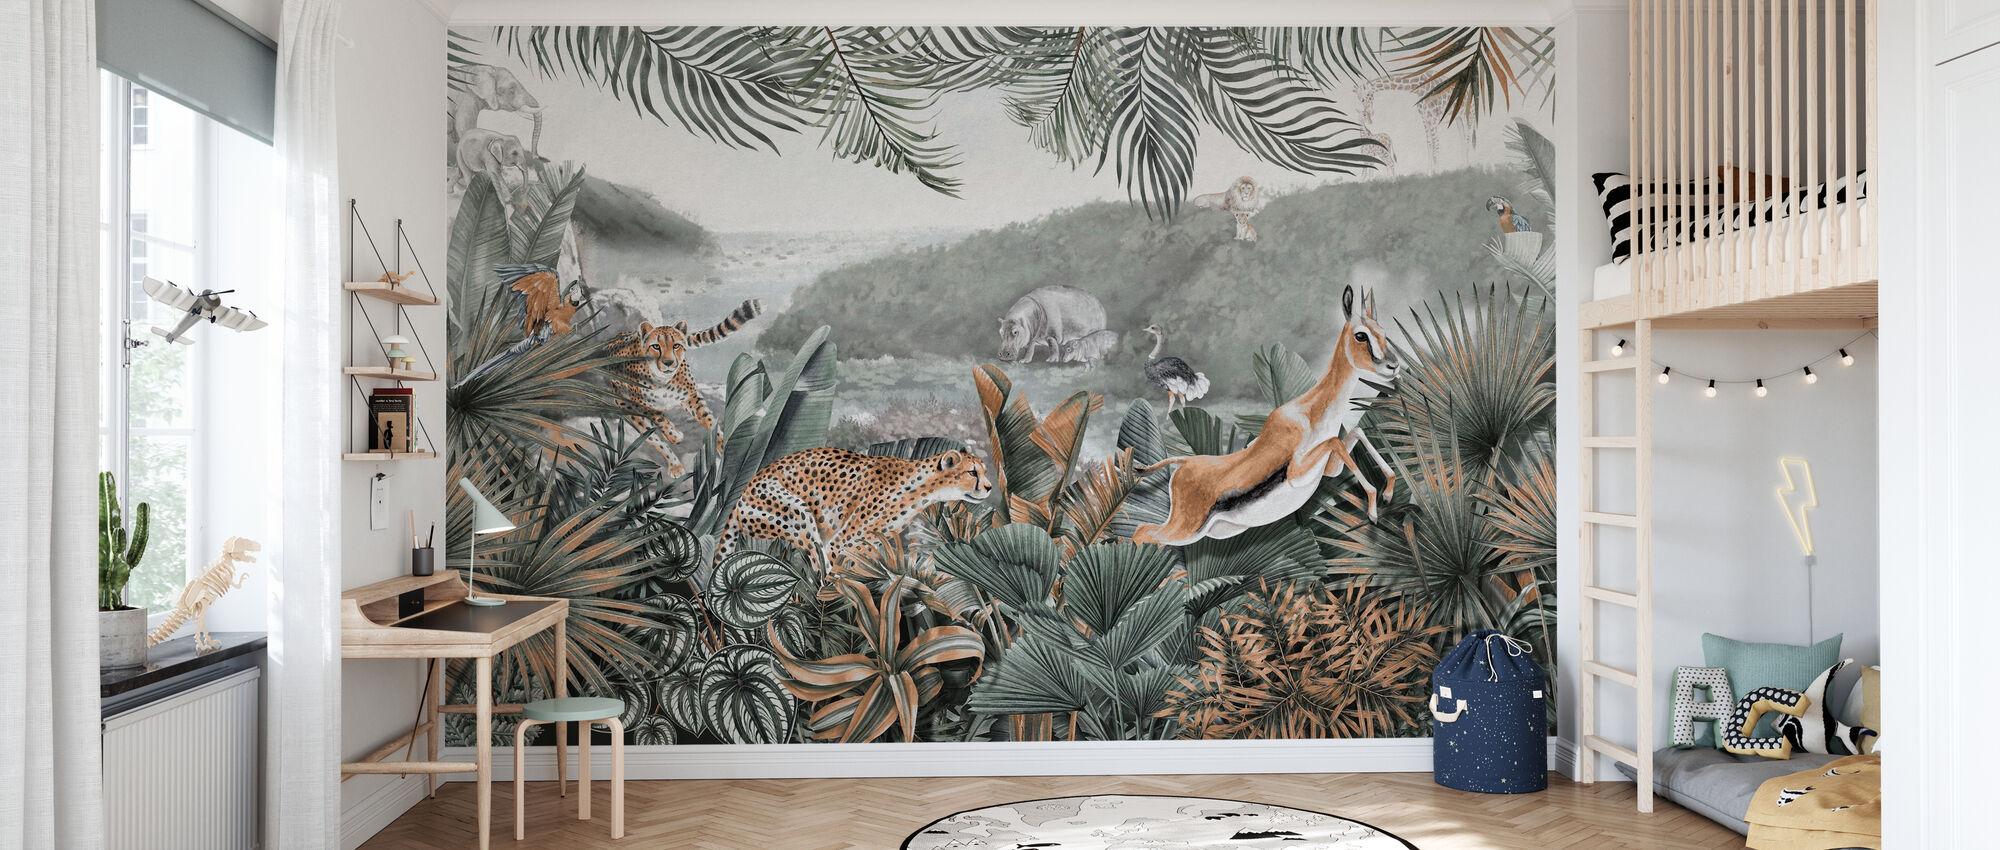 Jungle innsikt II - Tapet - Barnerom